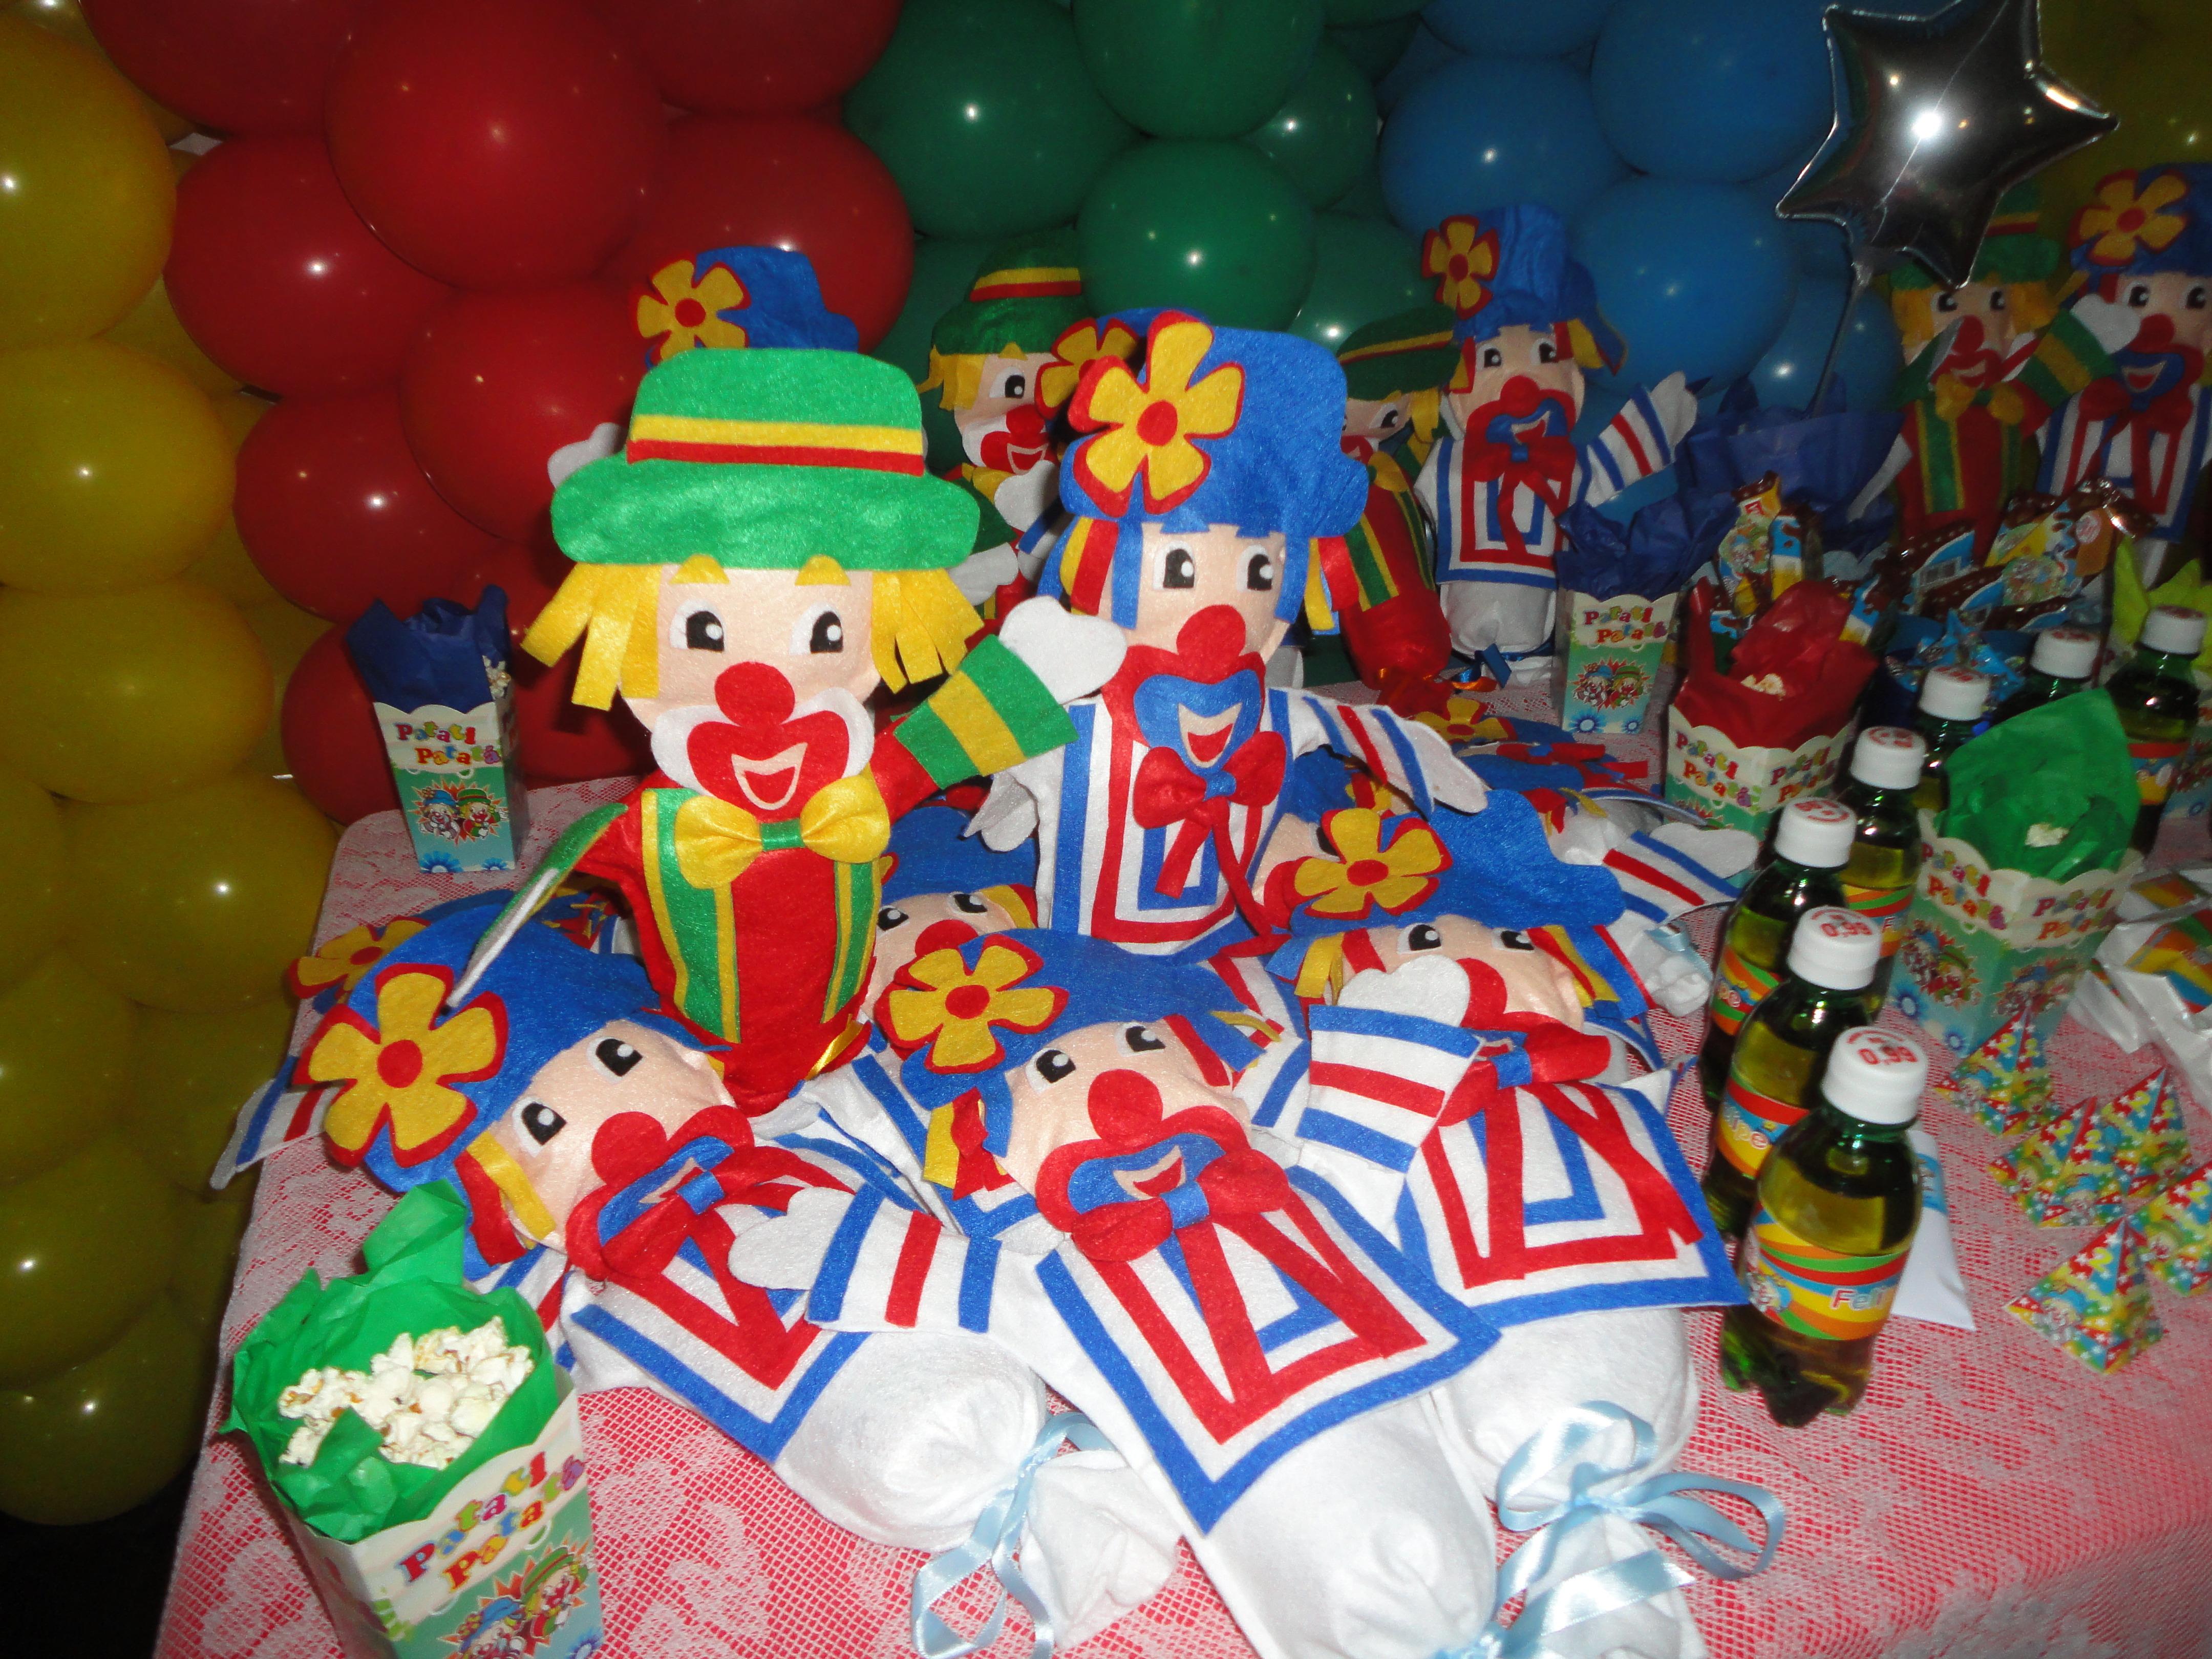 sacolinha surpresa para festa infantil  CL Ateliê  Elo7